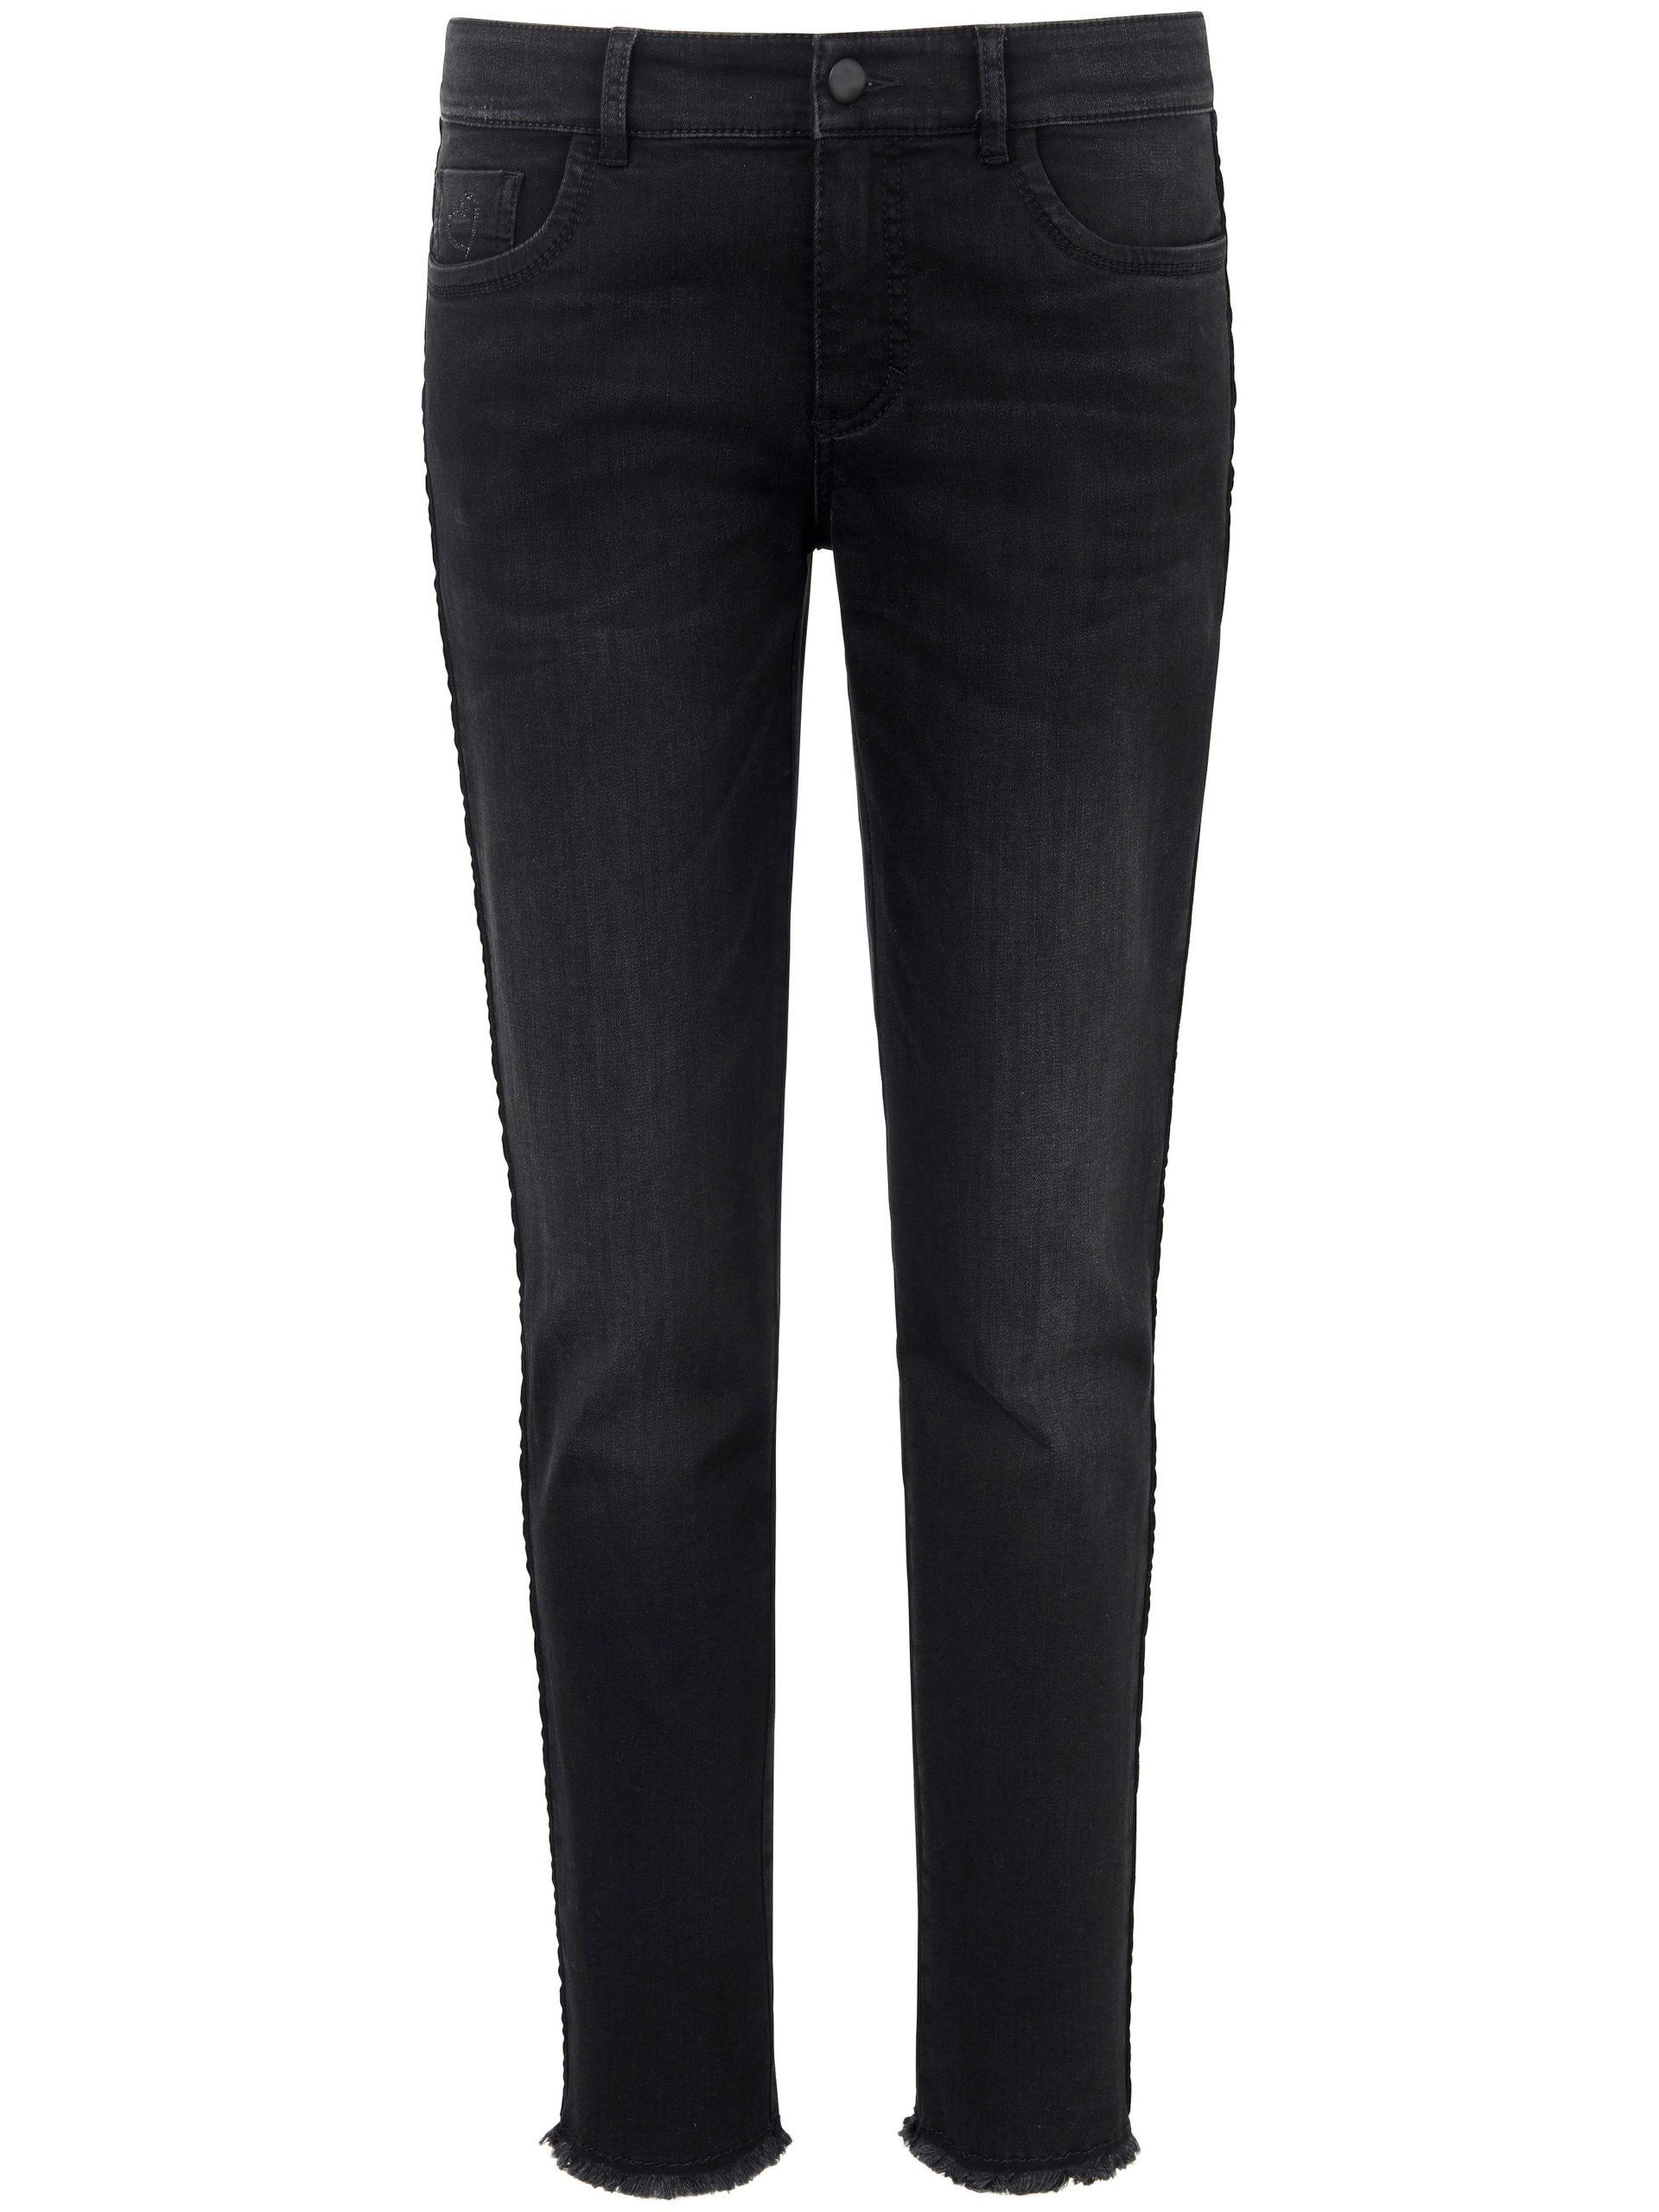 Jeans Van MYBC zwart Kopen